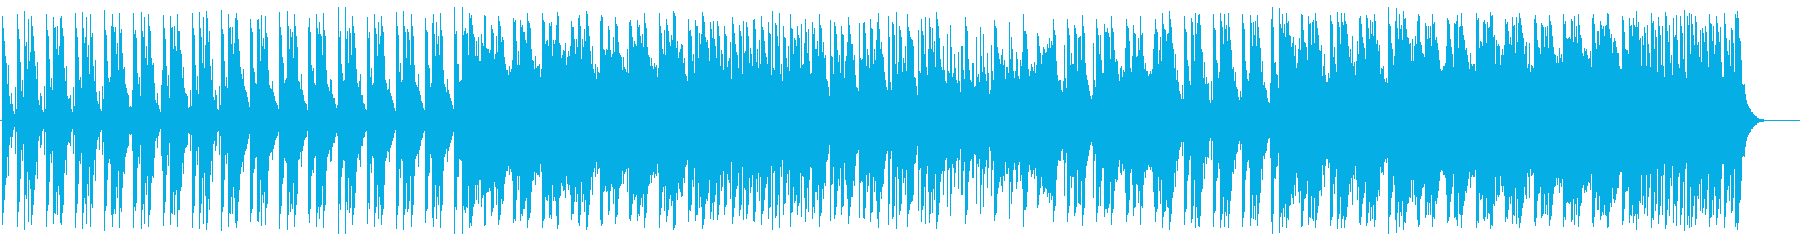 ワクワク感のある和風弦楽器シンセサウンドの再生済みの波形